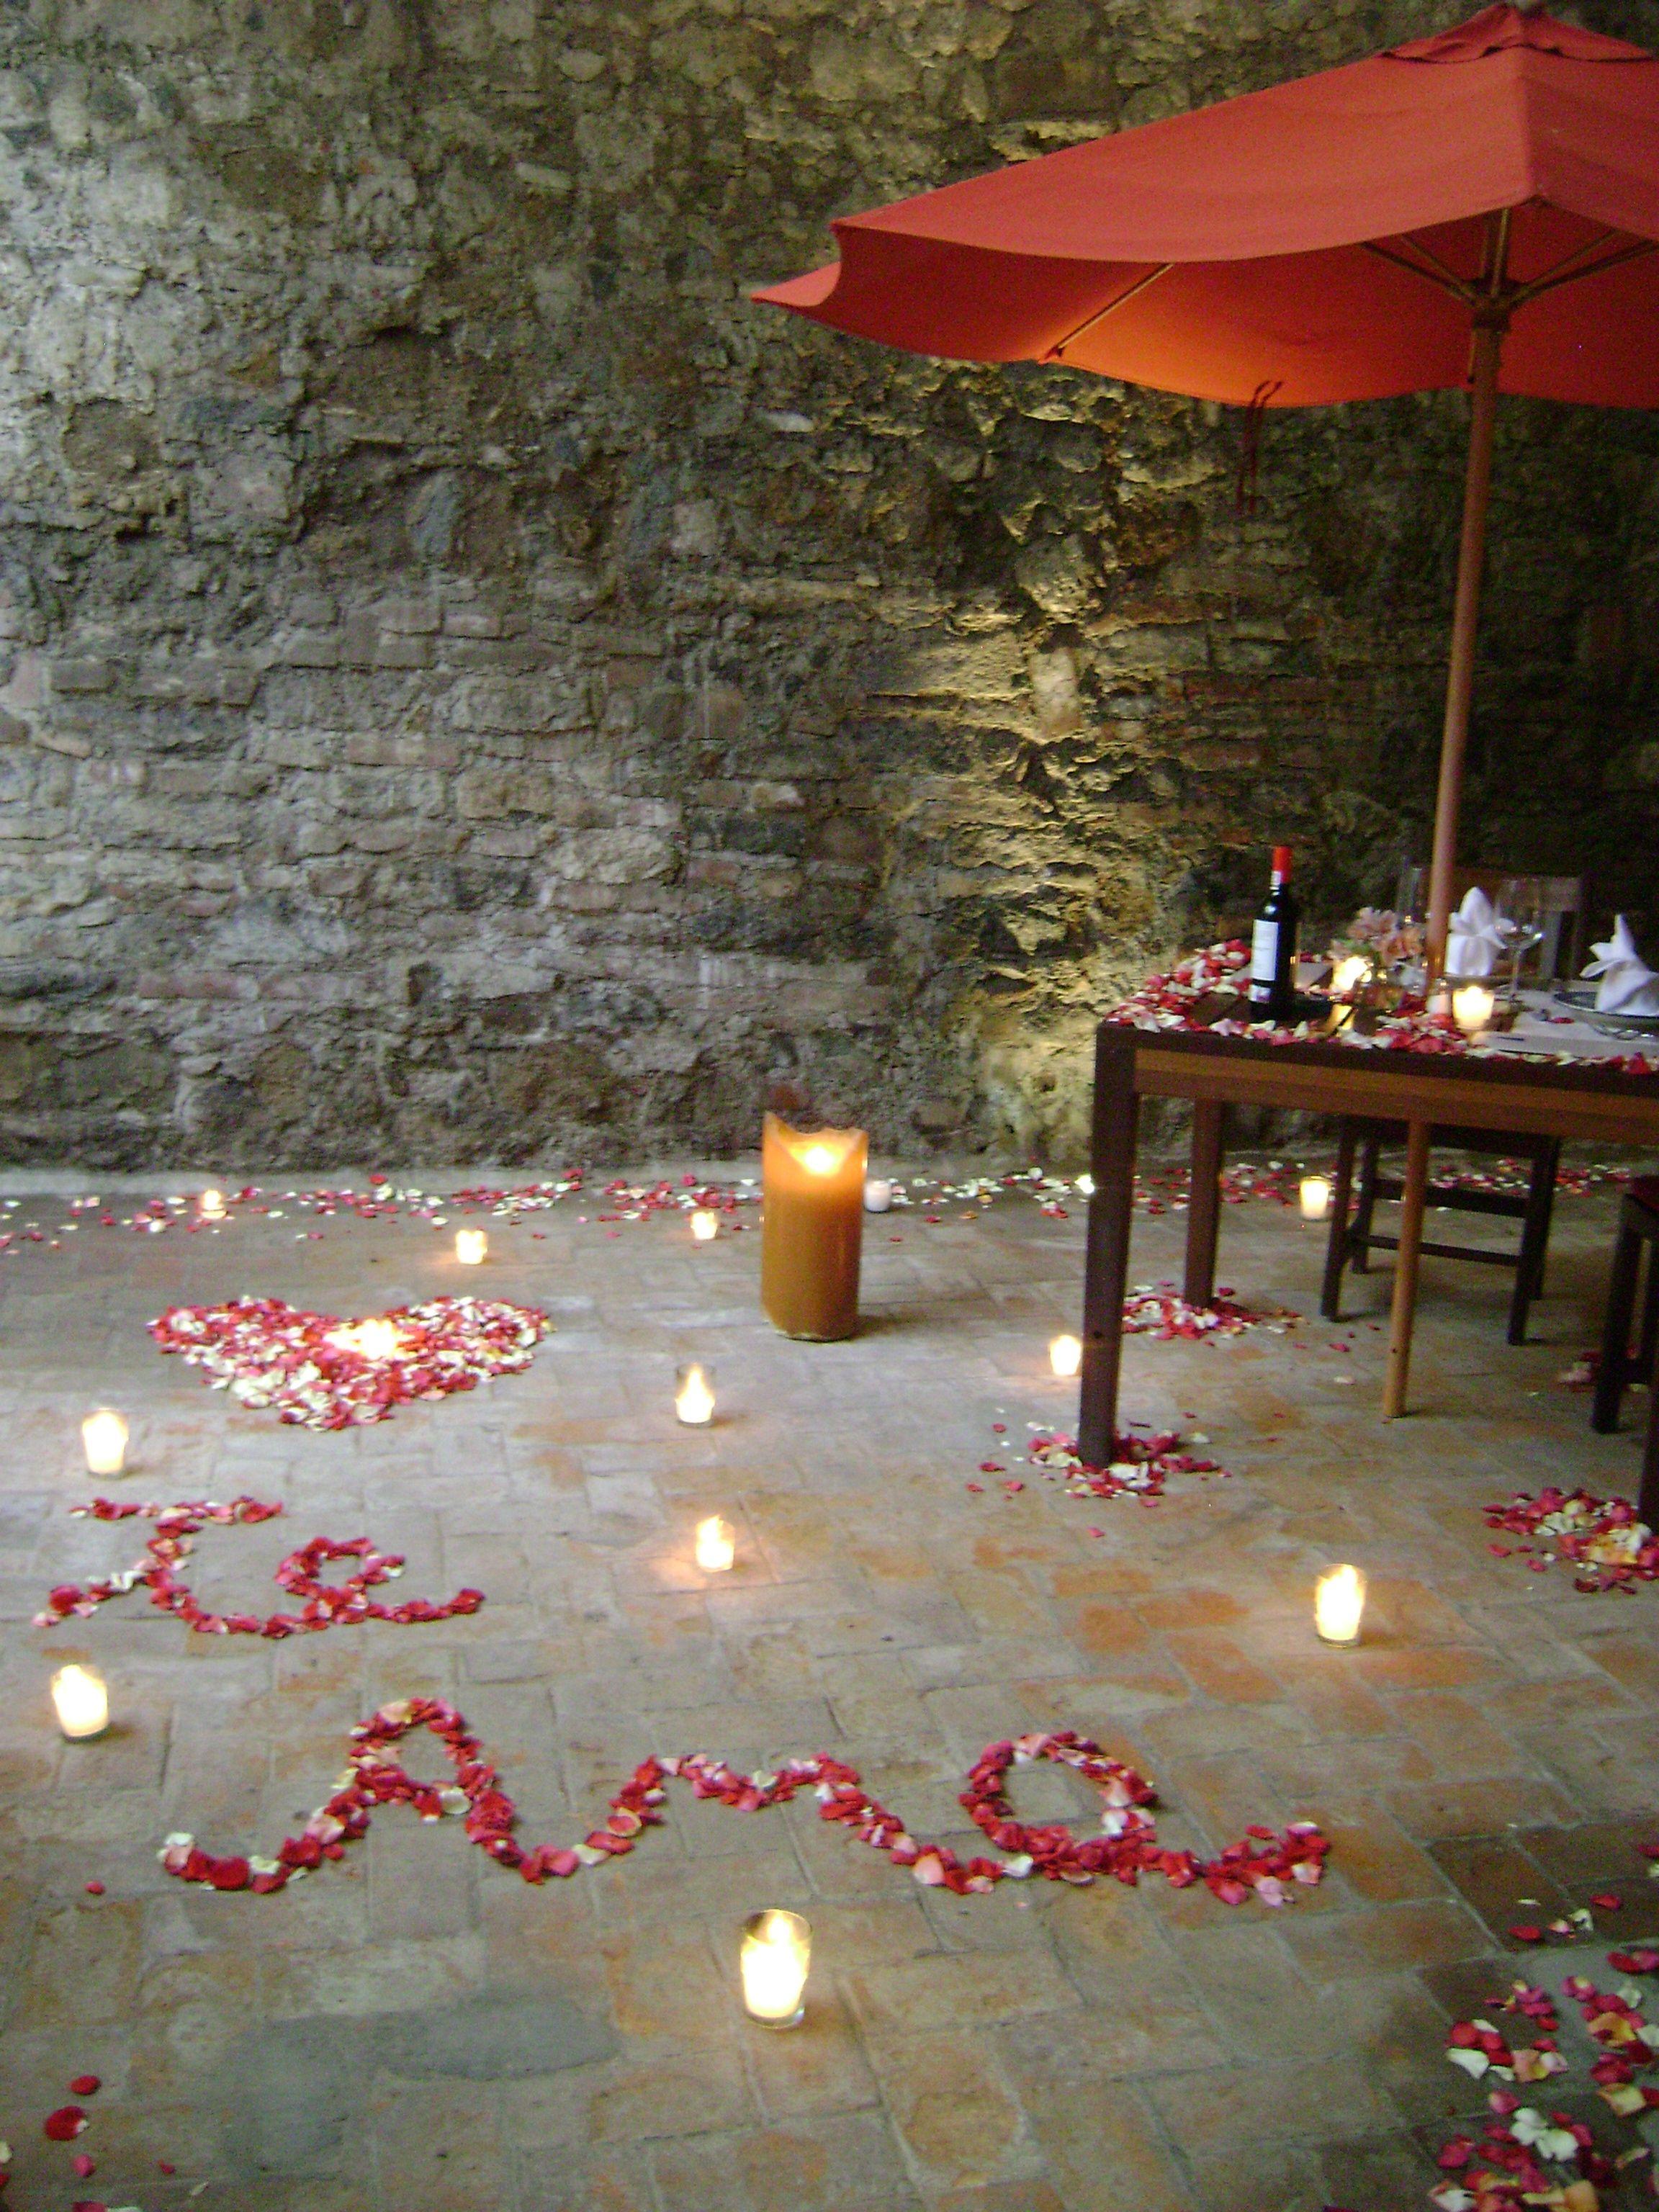 Listos para cualquier cena romantica casa reyna - Noche romantica en casa ideas ...